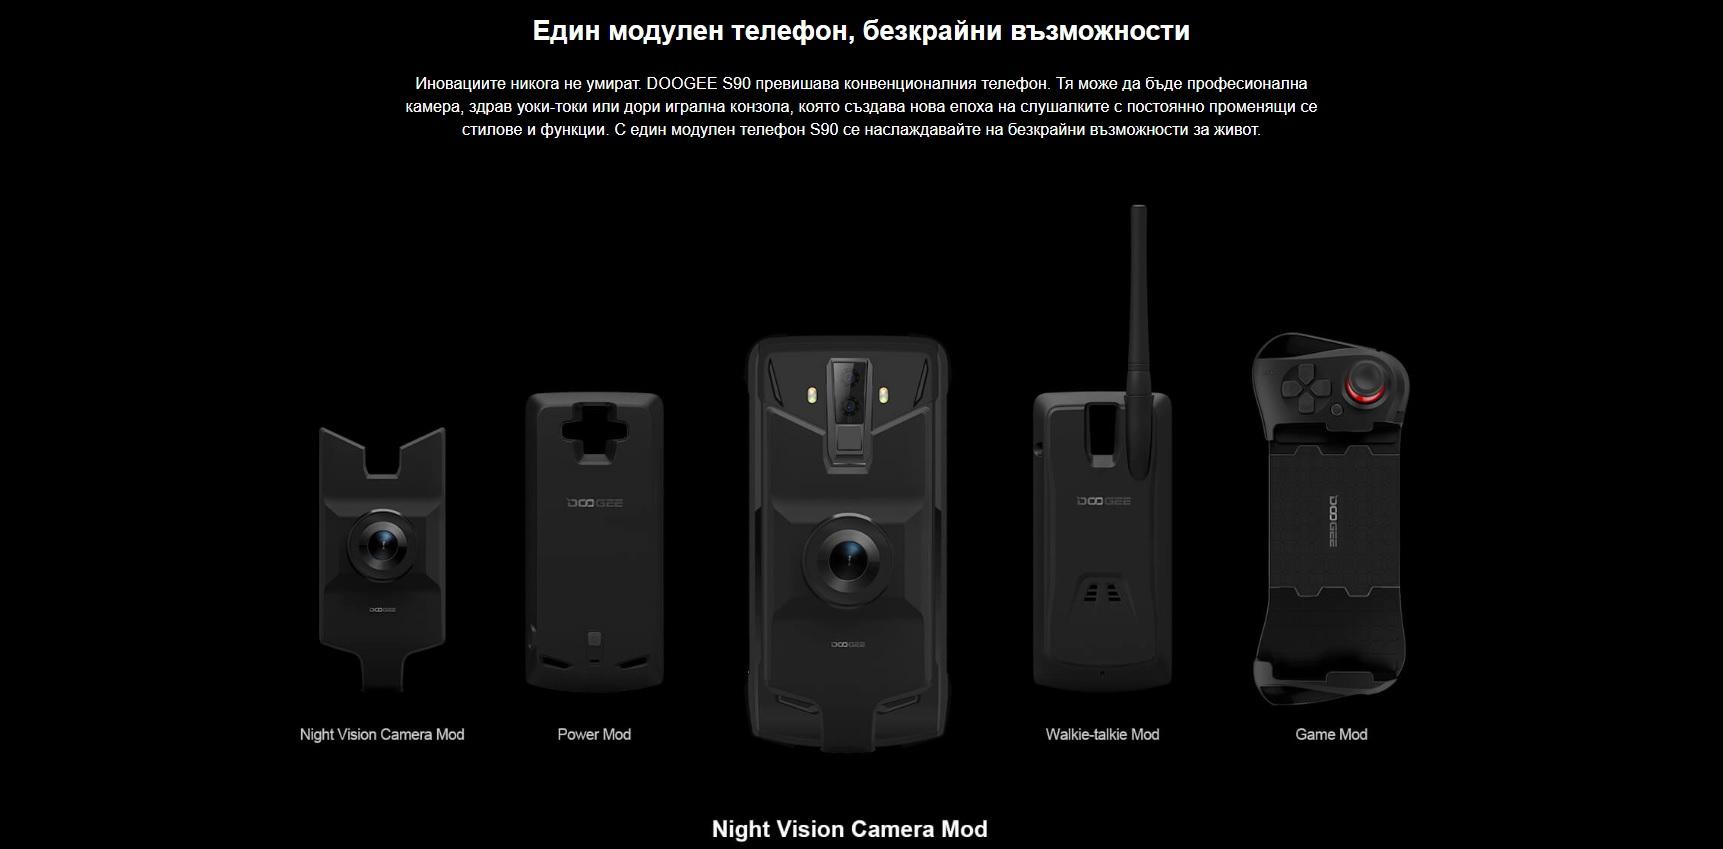 s90-doogee-modulen-telefon.jpg